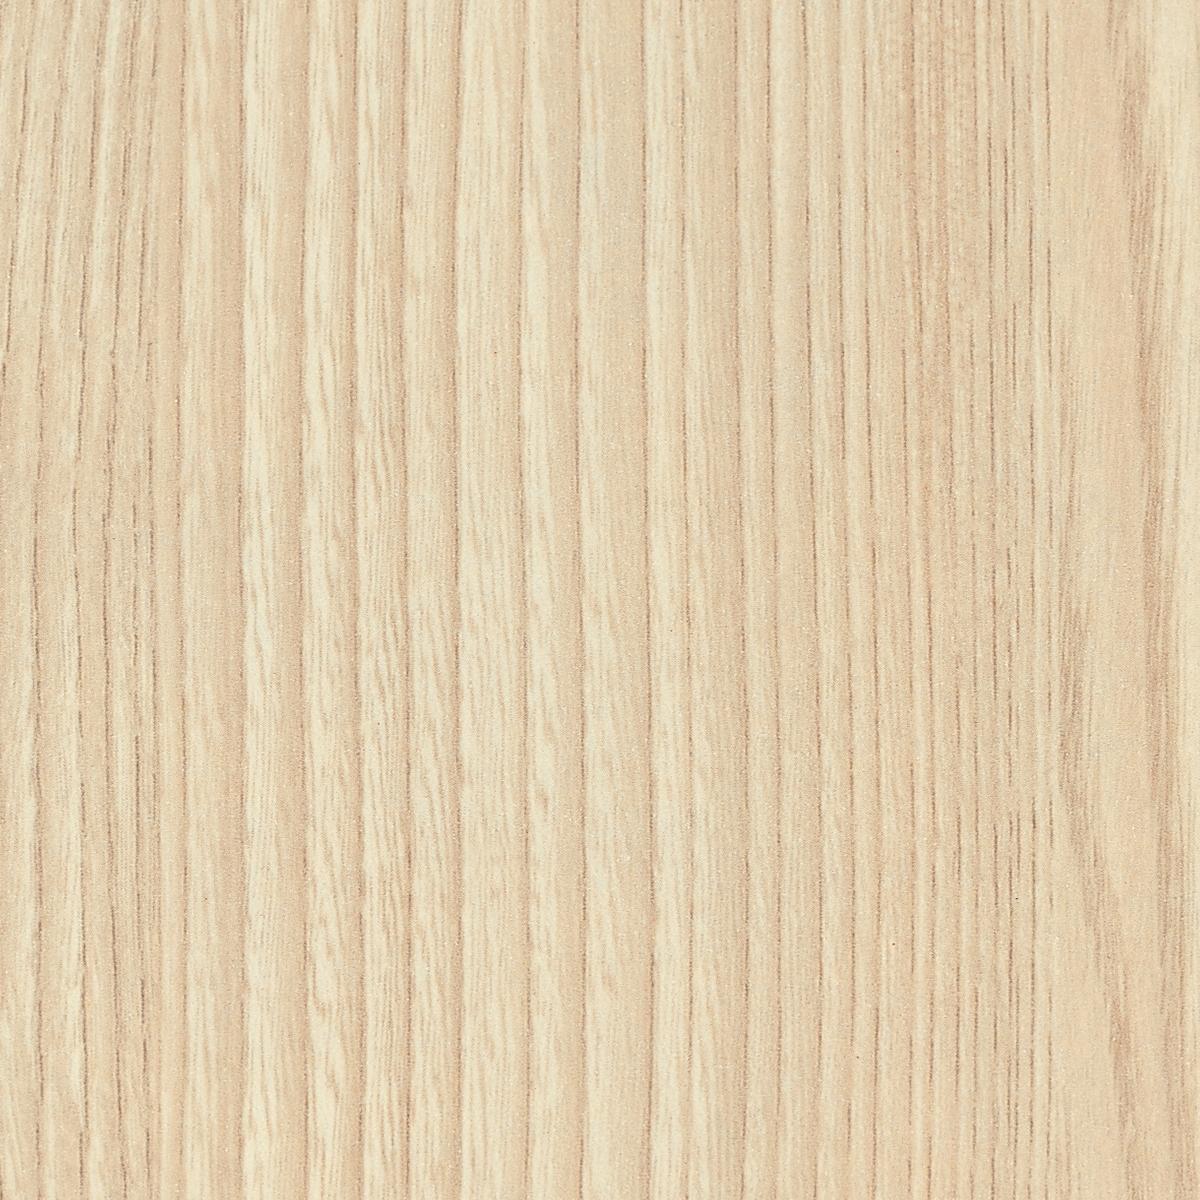 8843 Natural Ash - Formica